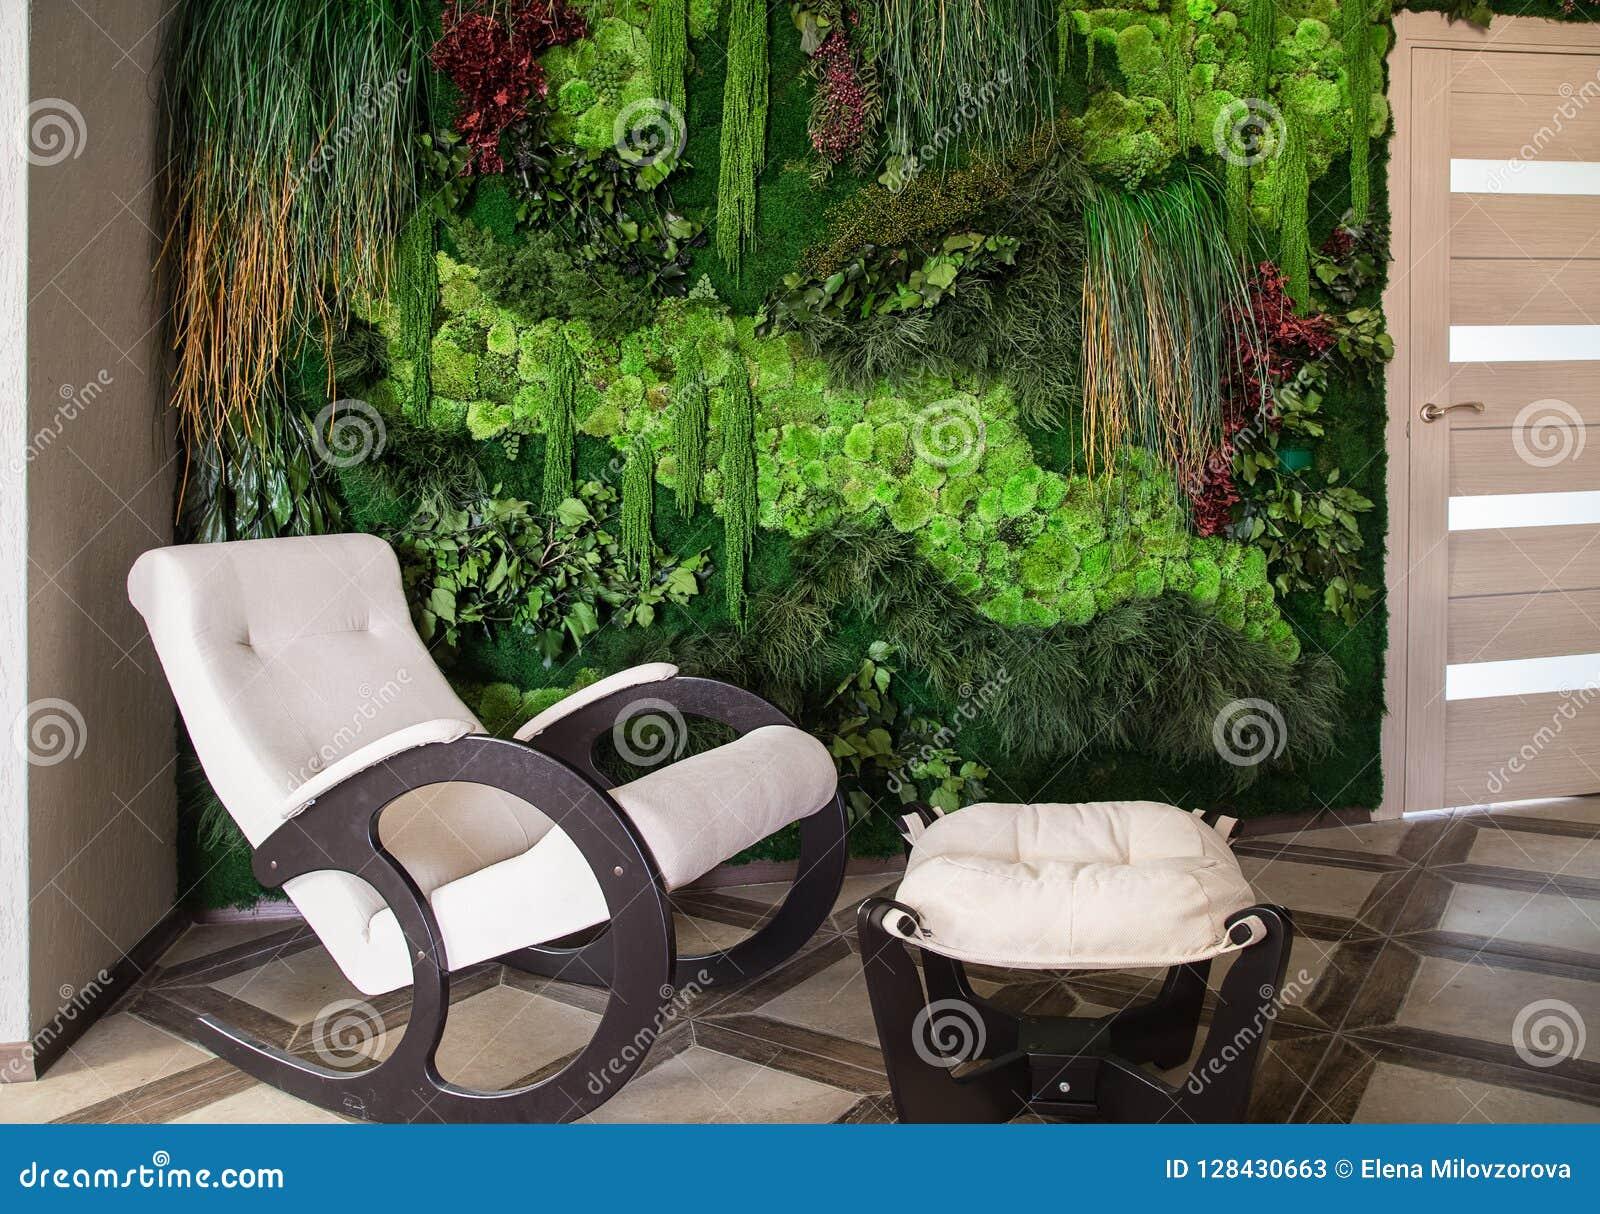 Bloem en installatiemuur verticale tuin Huis binnenlands ontwerp